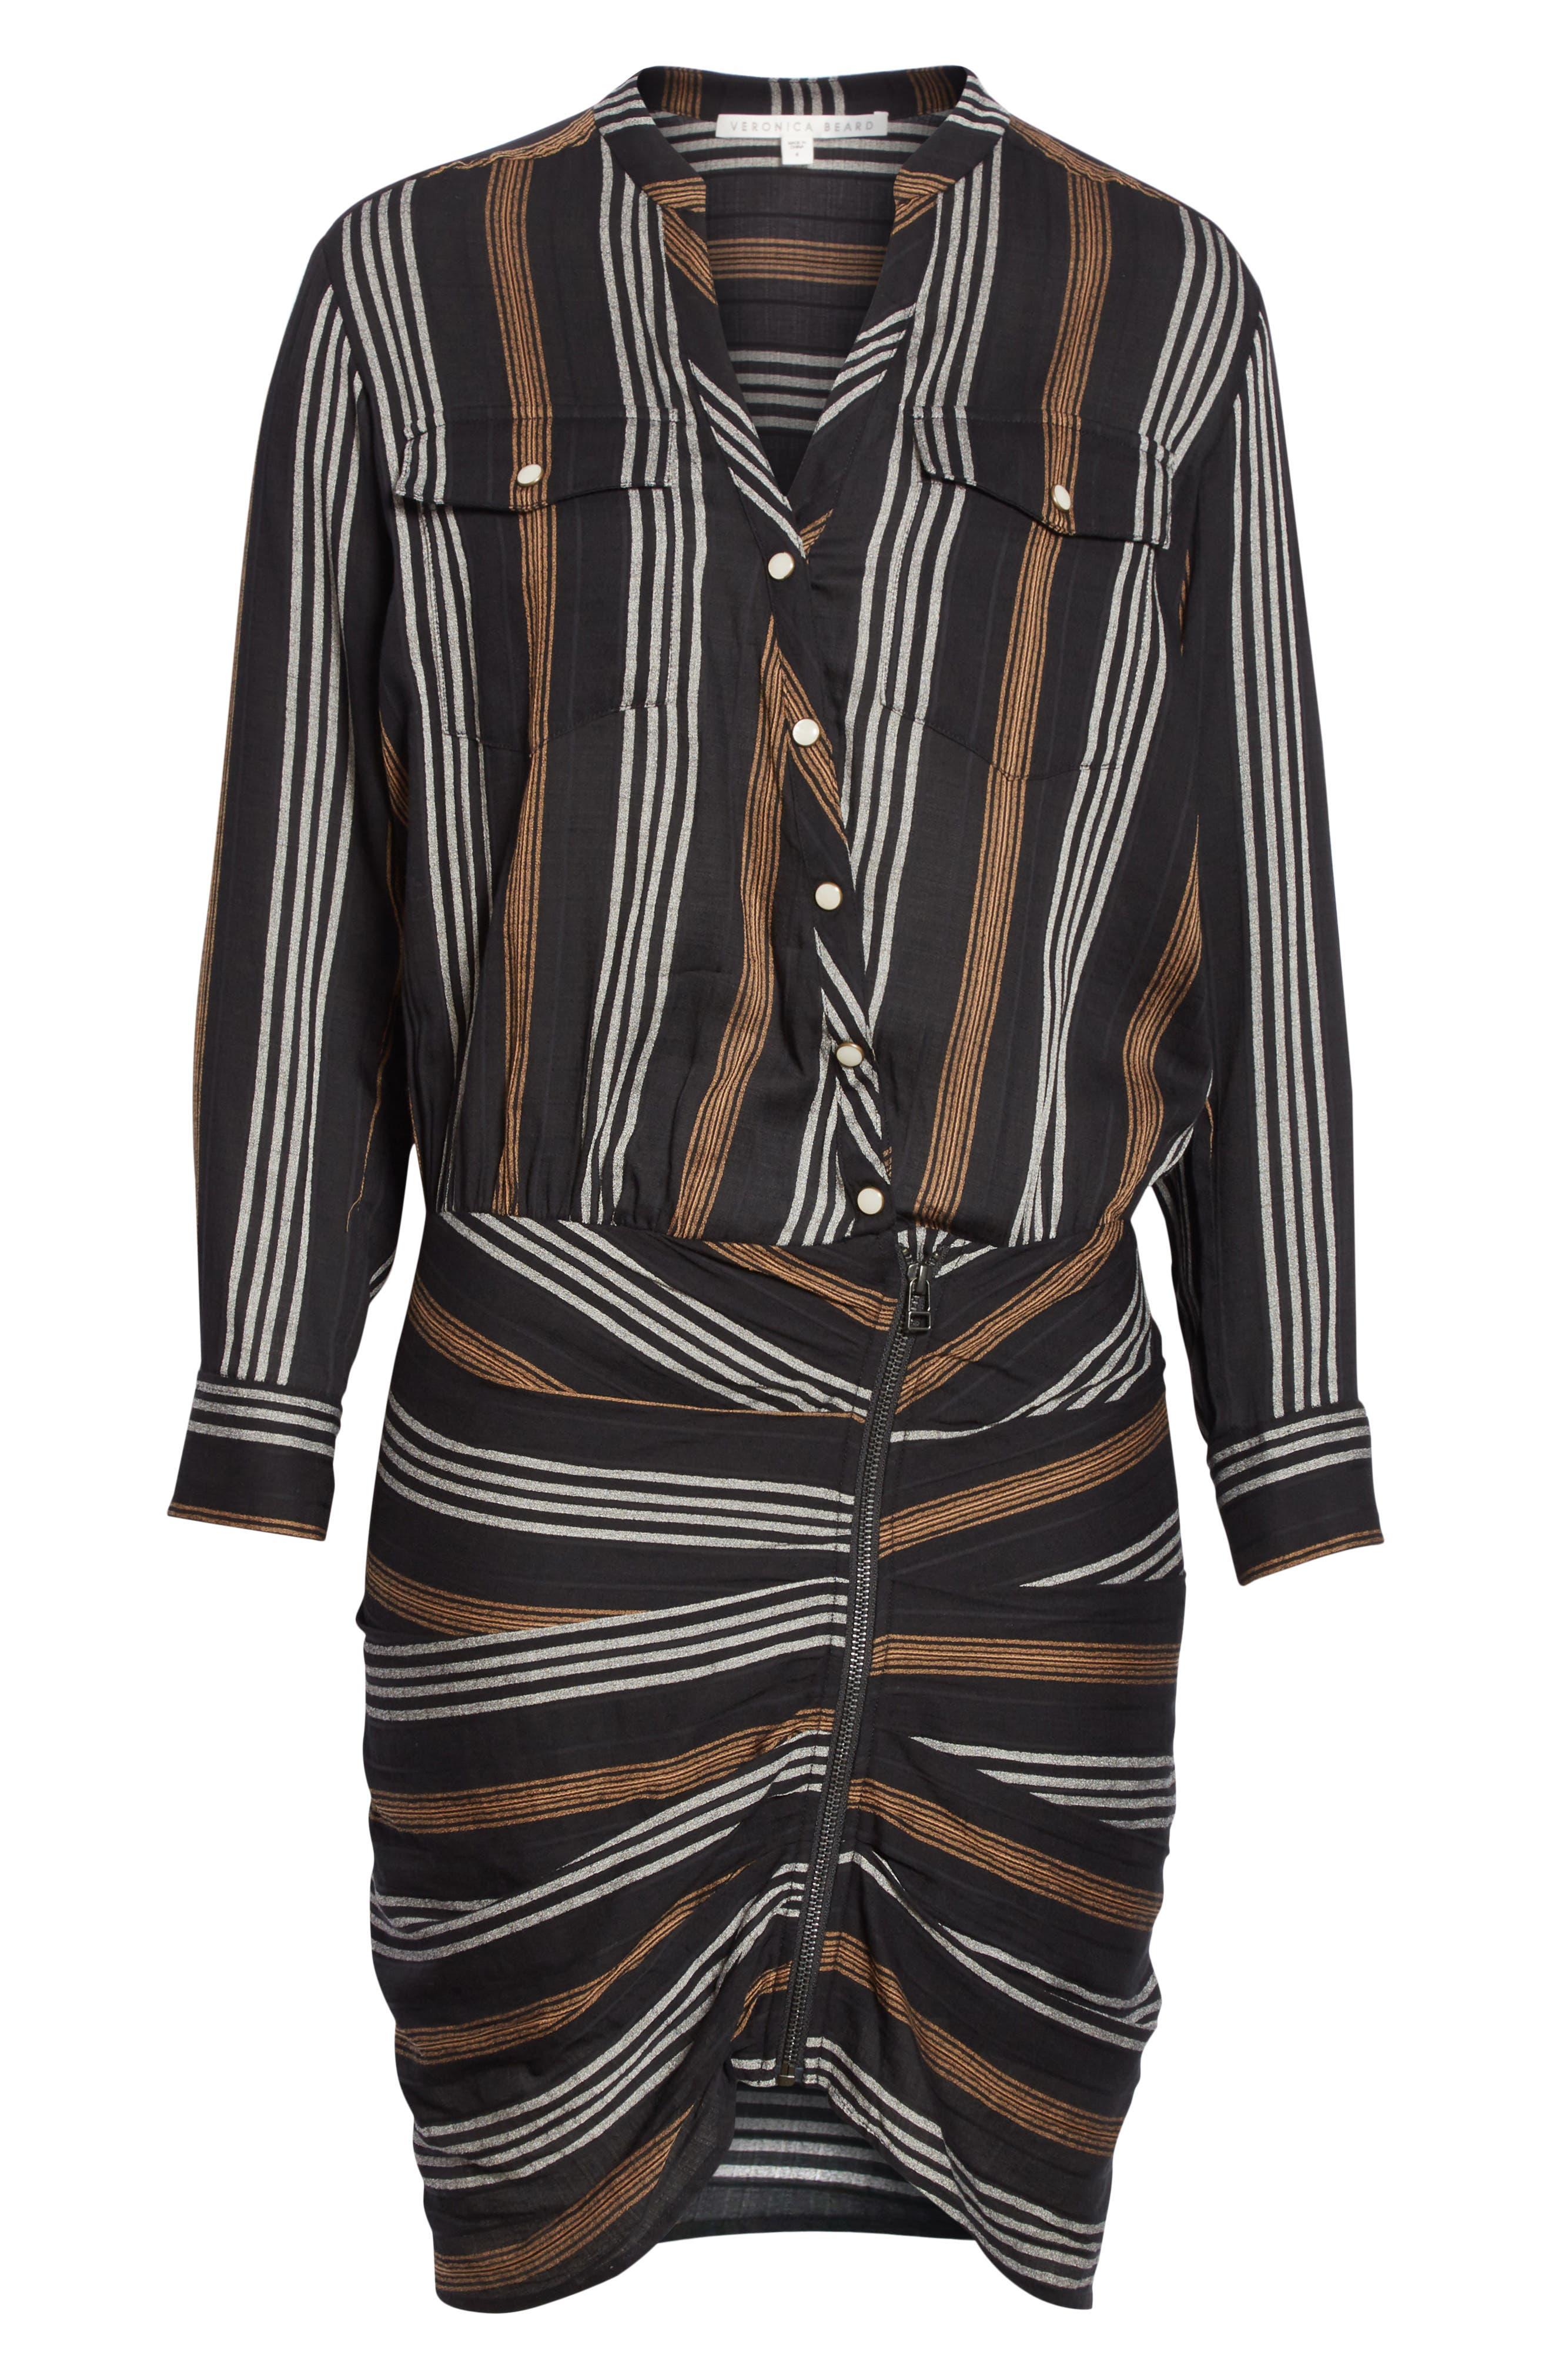 Emory Stripe Shirtdress,                             Alternate thumbnail 6, color,                             Black Multi